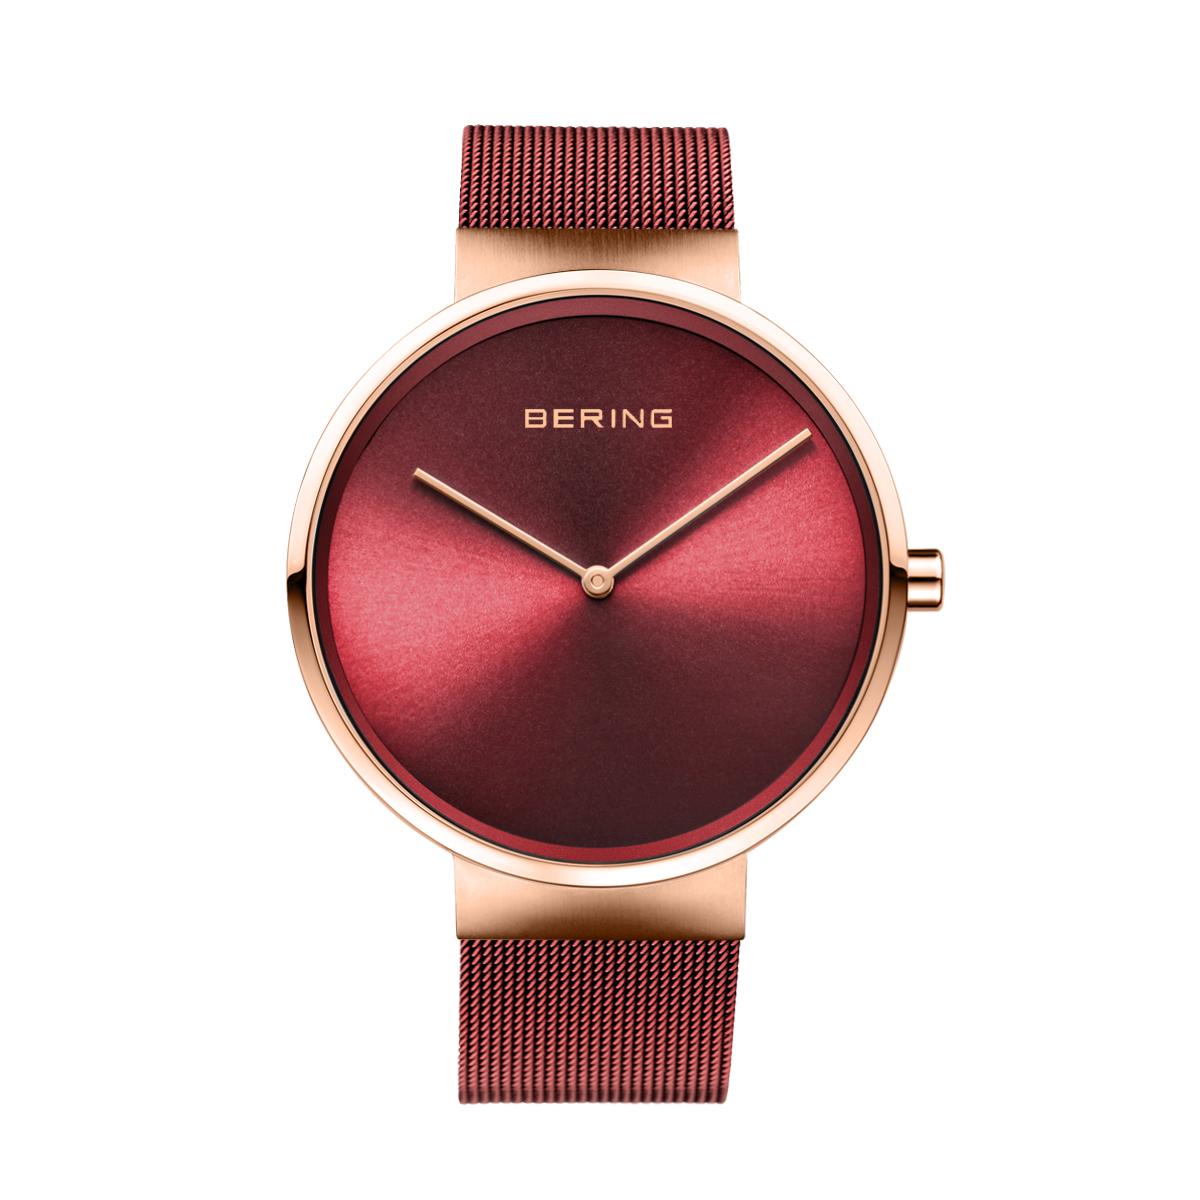 bering – Bering classic 14539-363 - 14539-363 fra brodersen + kobborg